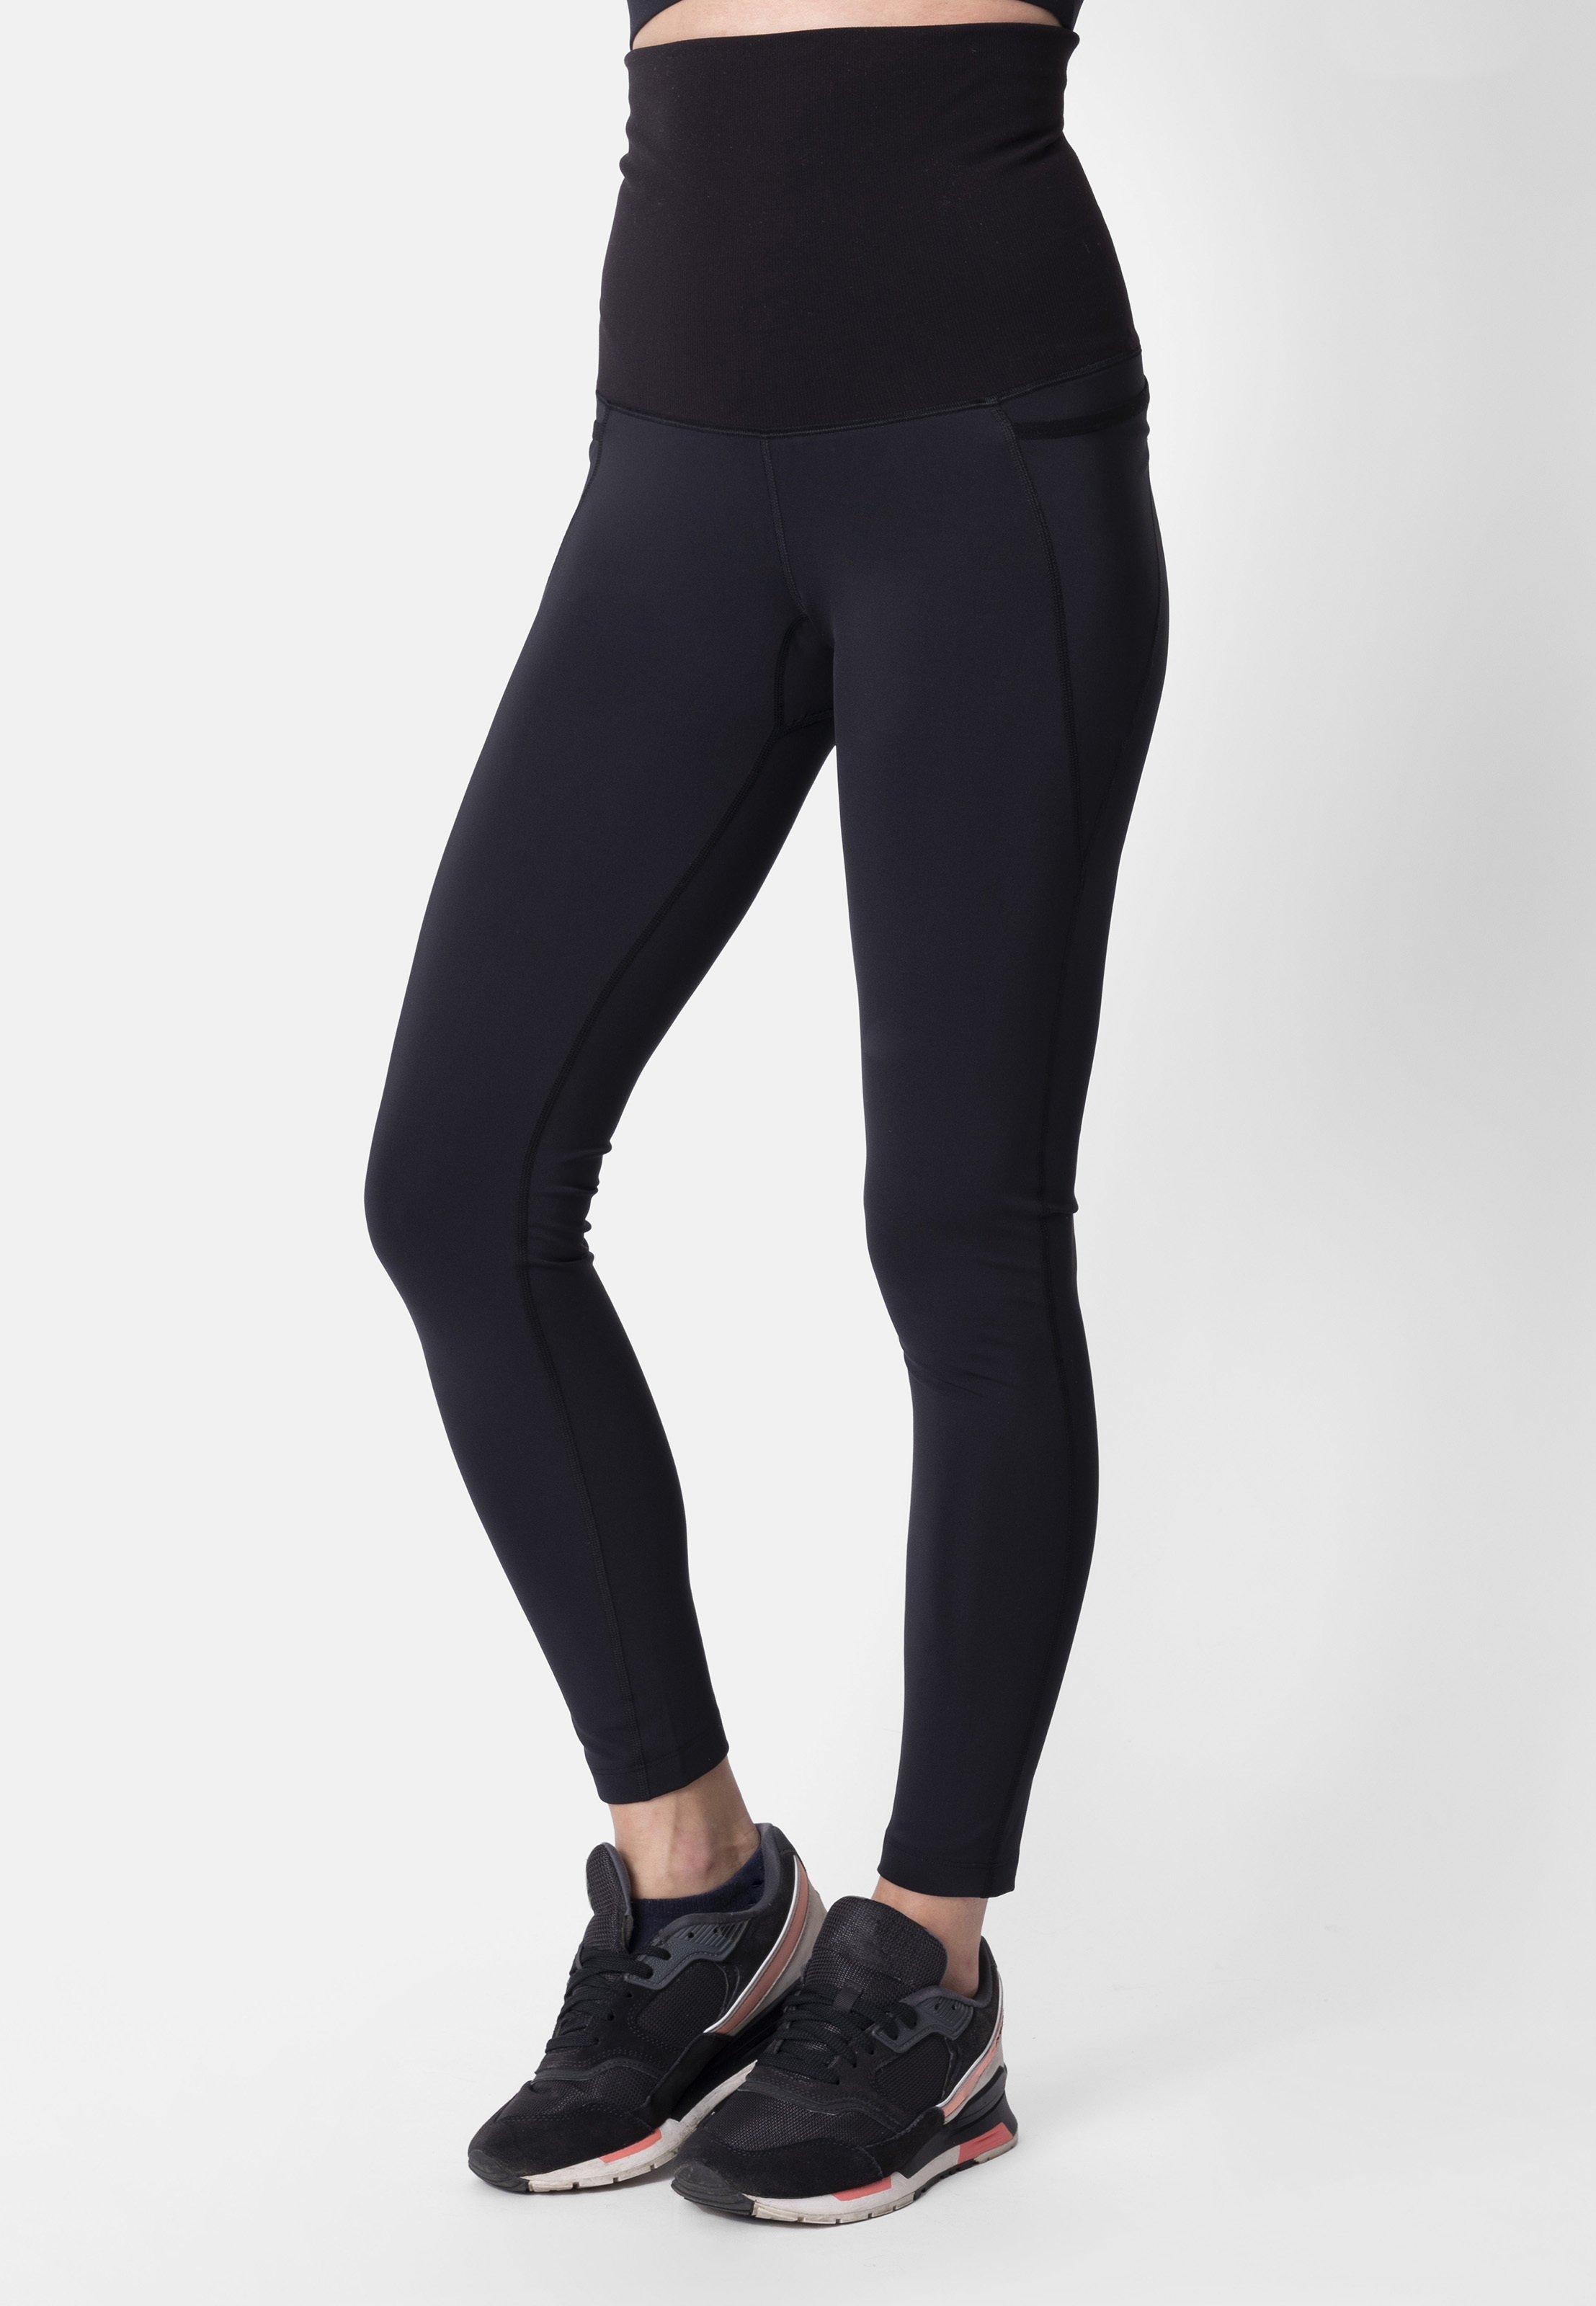 Damen POST-MATERNITY - Leggings - Hosen